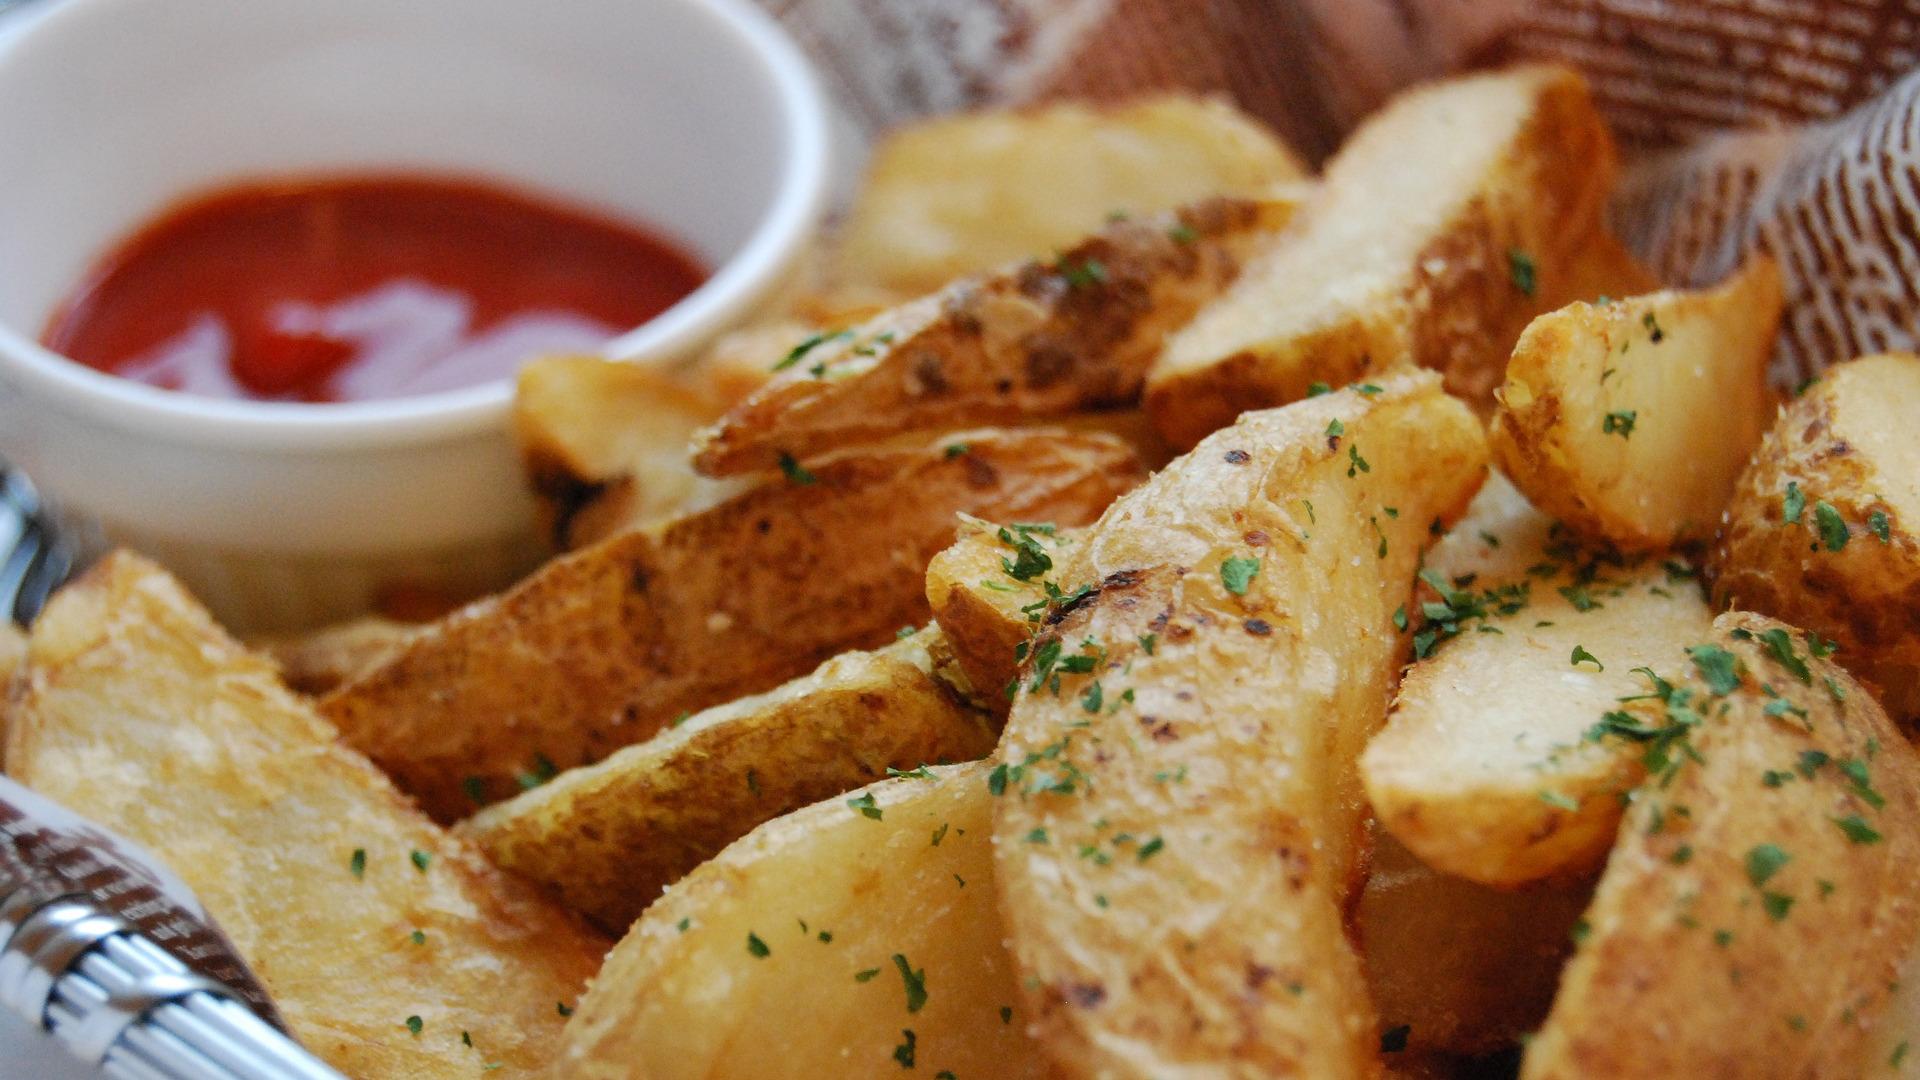 Patate fritte no, al forno sì: siamo sicuri?